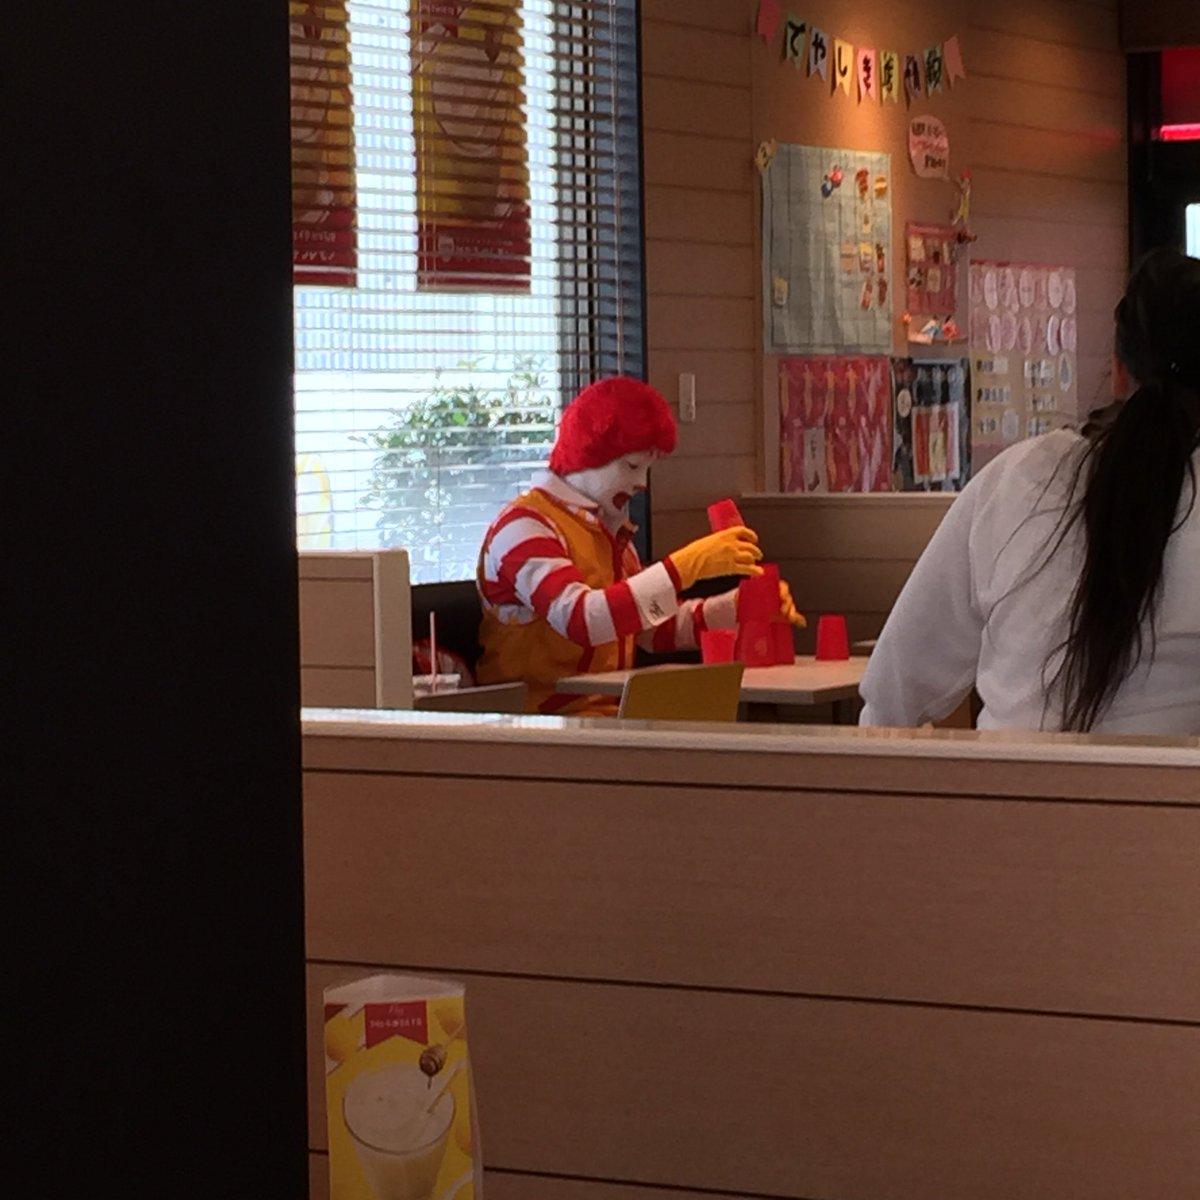 久々にマクドが食べたくなったから食べに来たら、ドナルドが一人で遊んでた…。 関西弁喋ってた…。